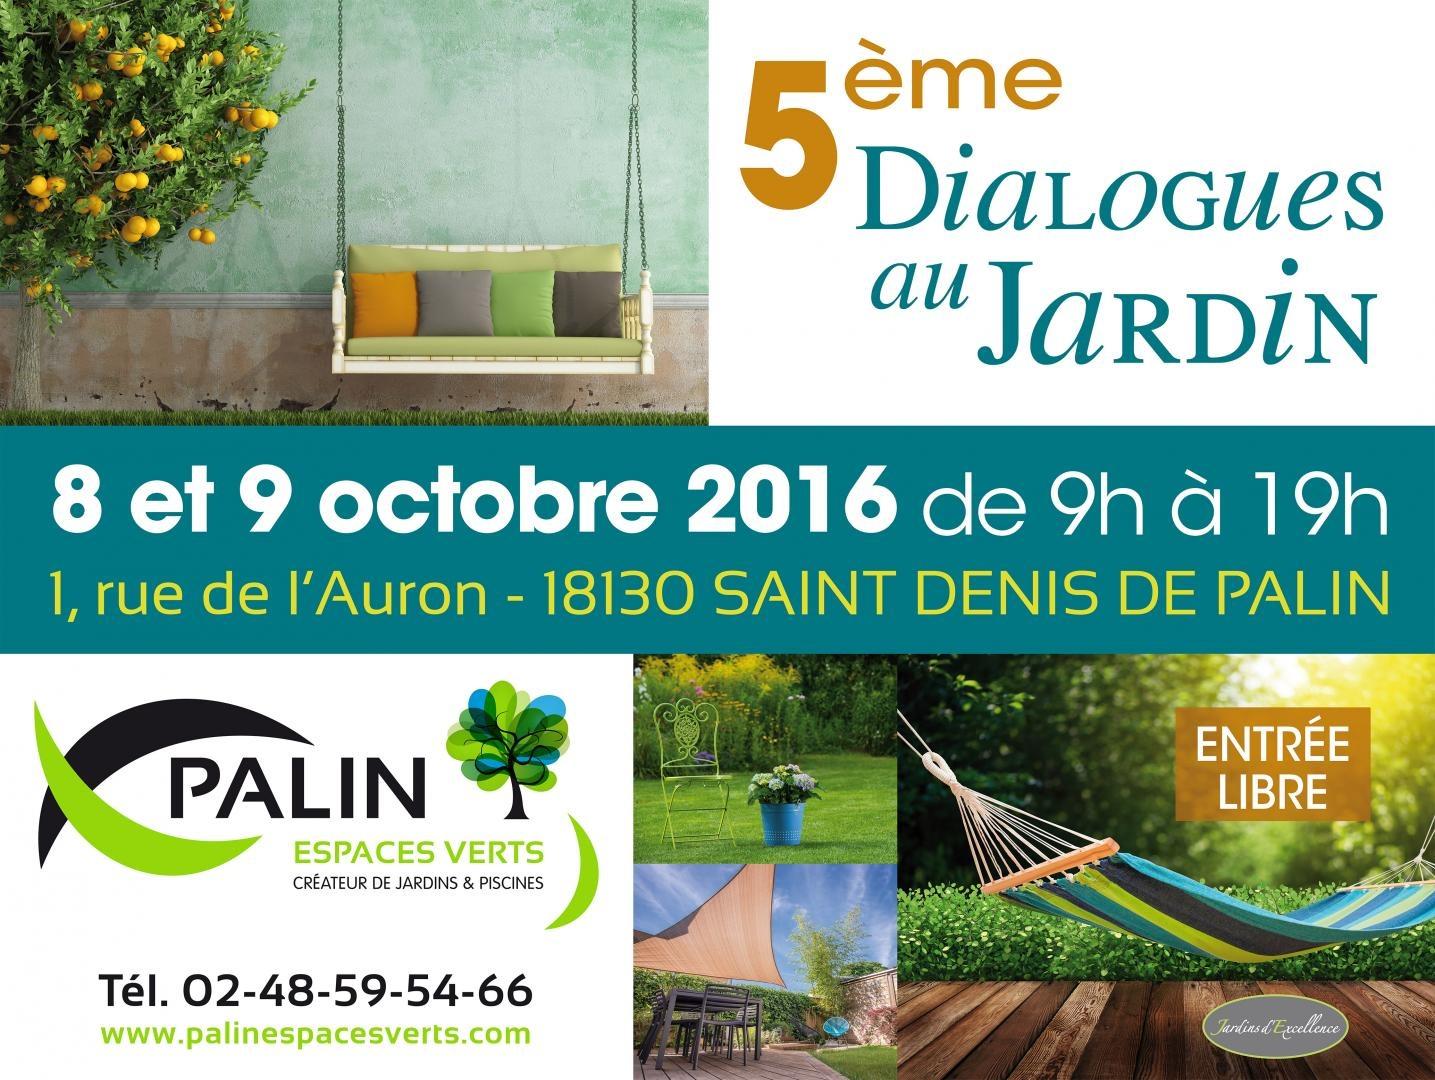 Portes ouvertes chez palin espaces verts cr ateurs de for 9 jardin fatima bedar saint denis